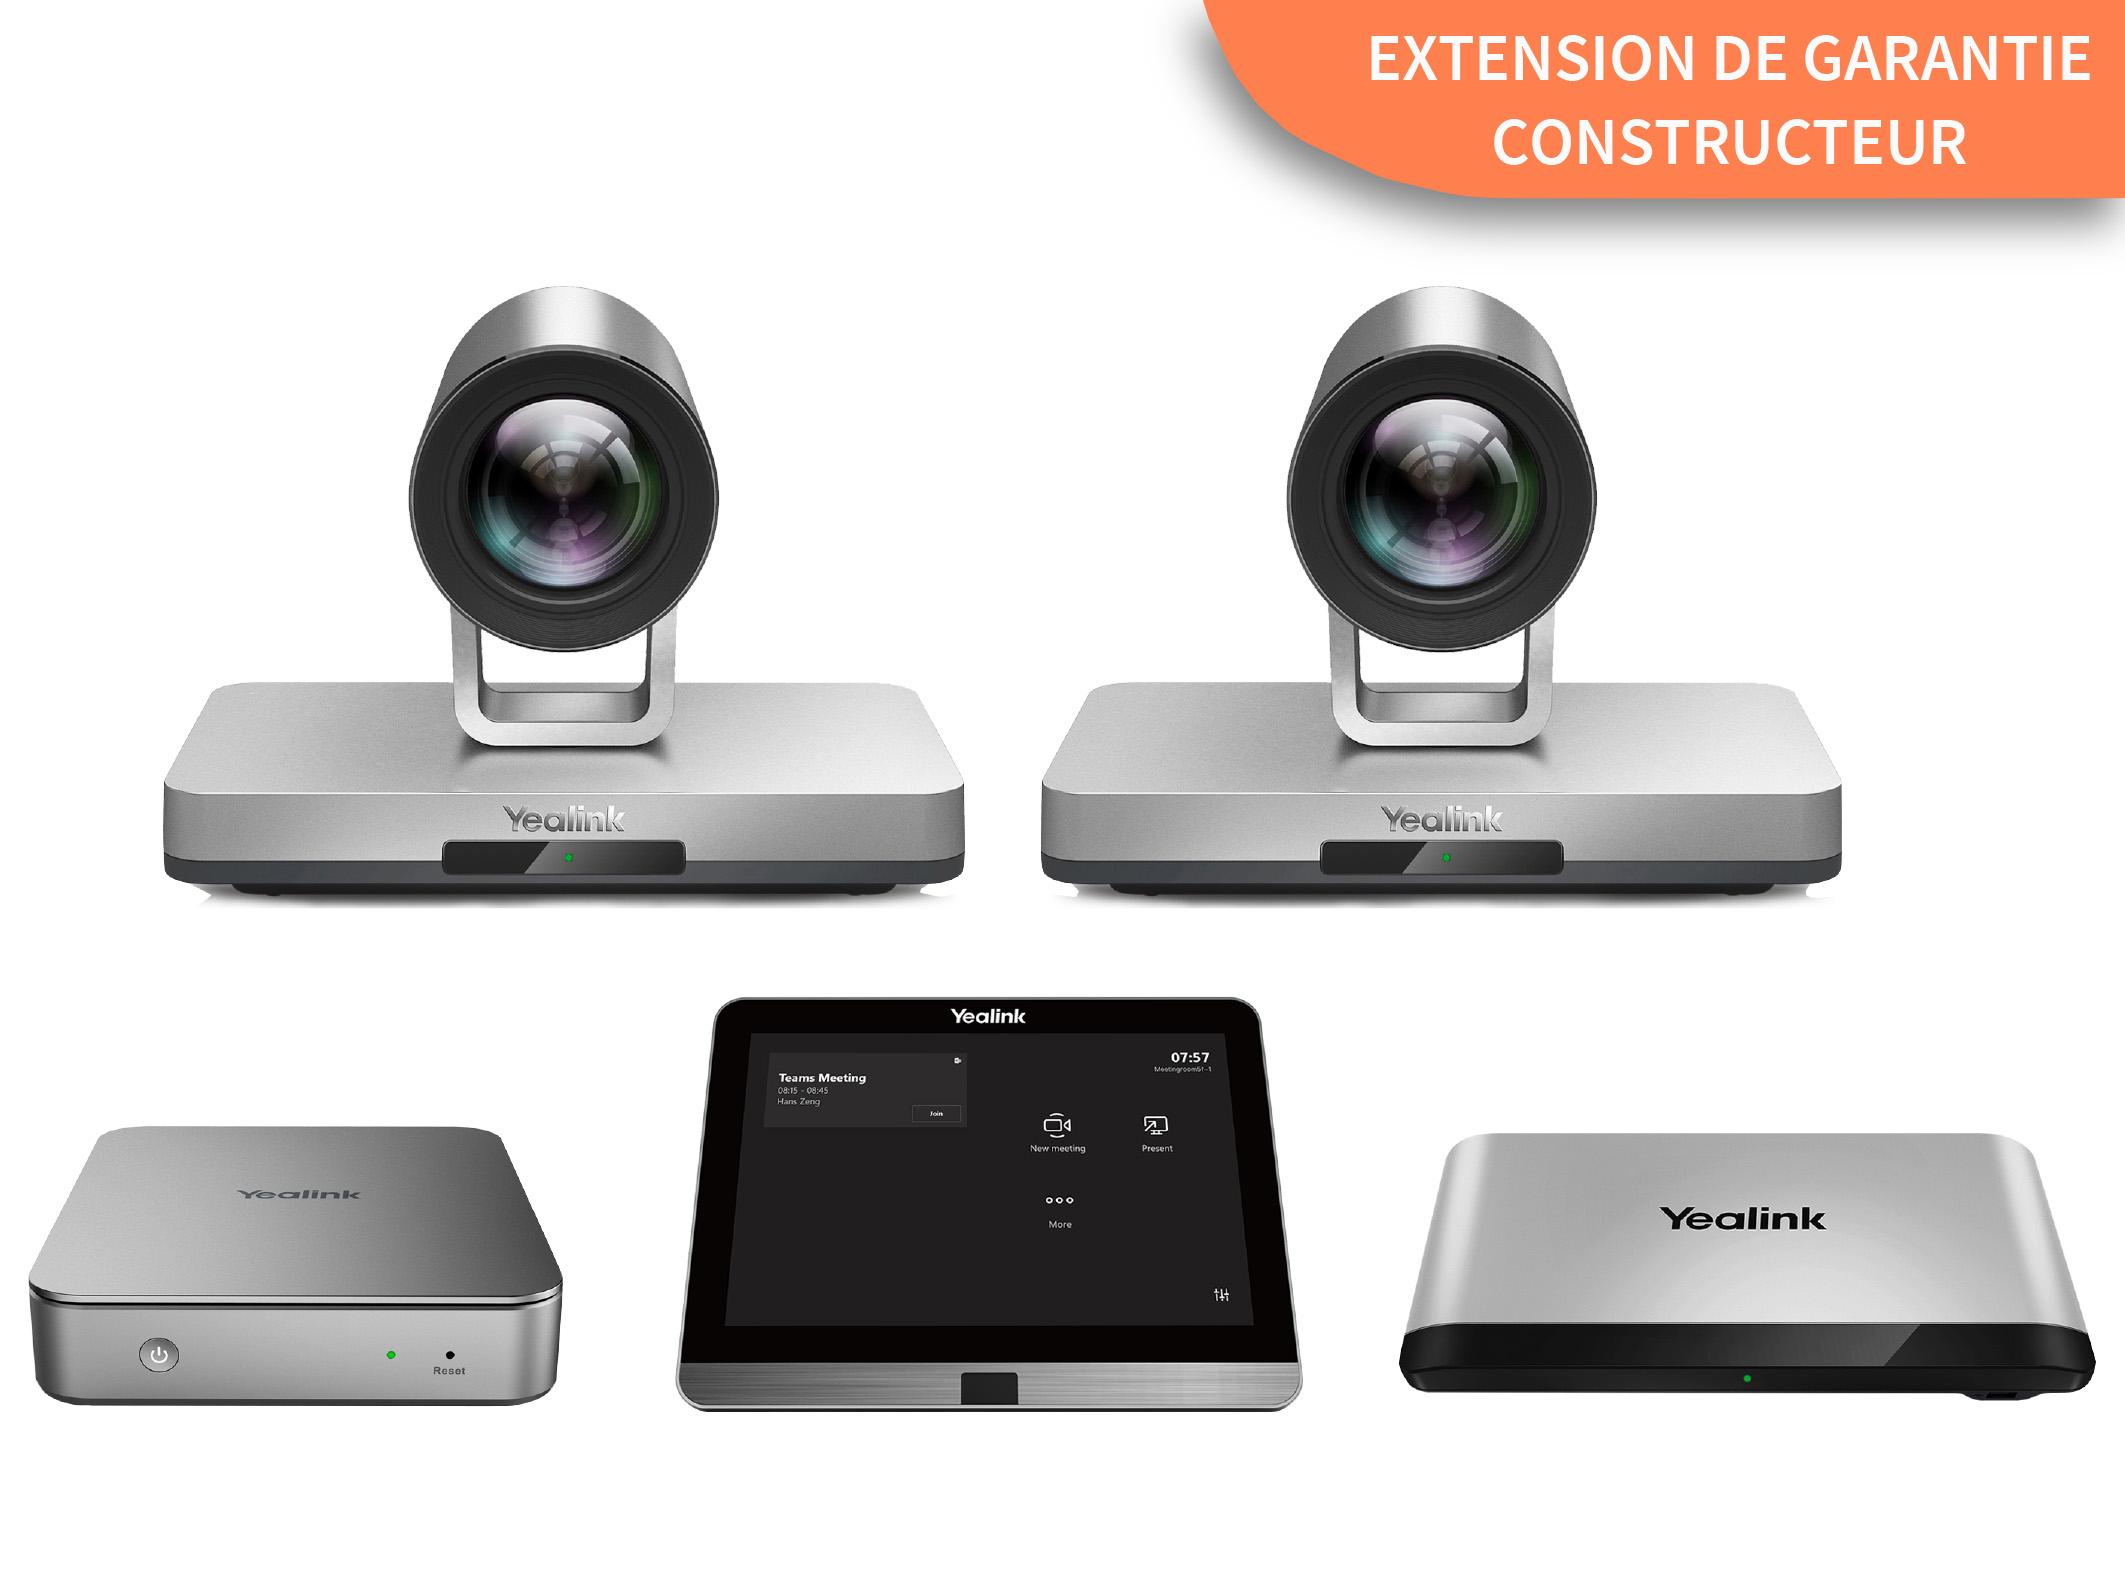 Extension de garantie Yealink à 3 ans (2+1) pour MVC900 II